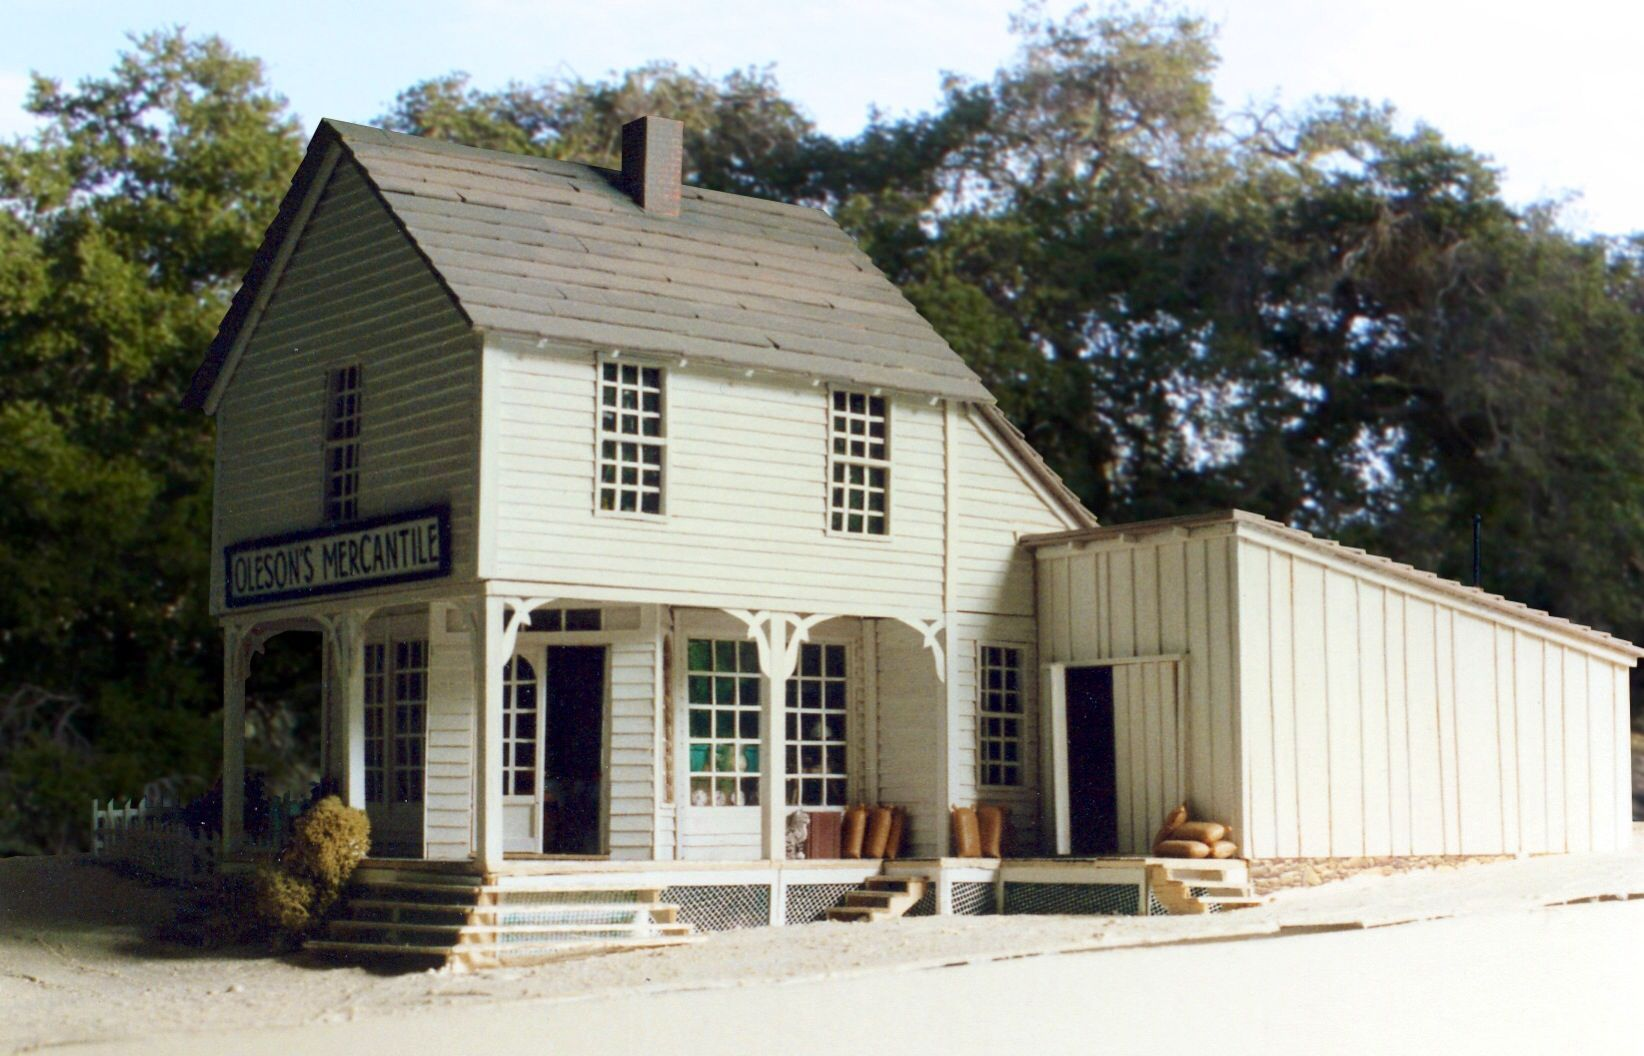 Oleson S Mercantile Little House On The Prairie